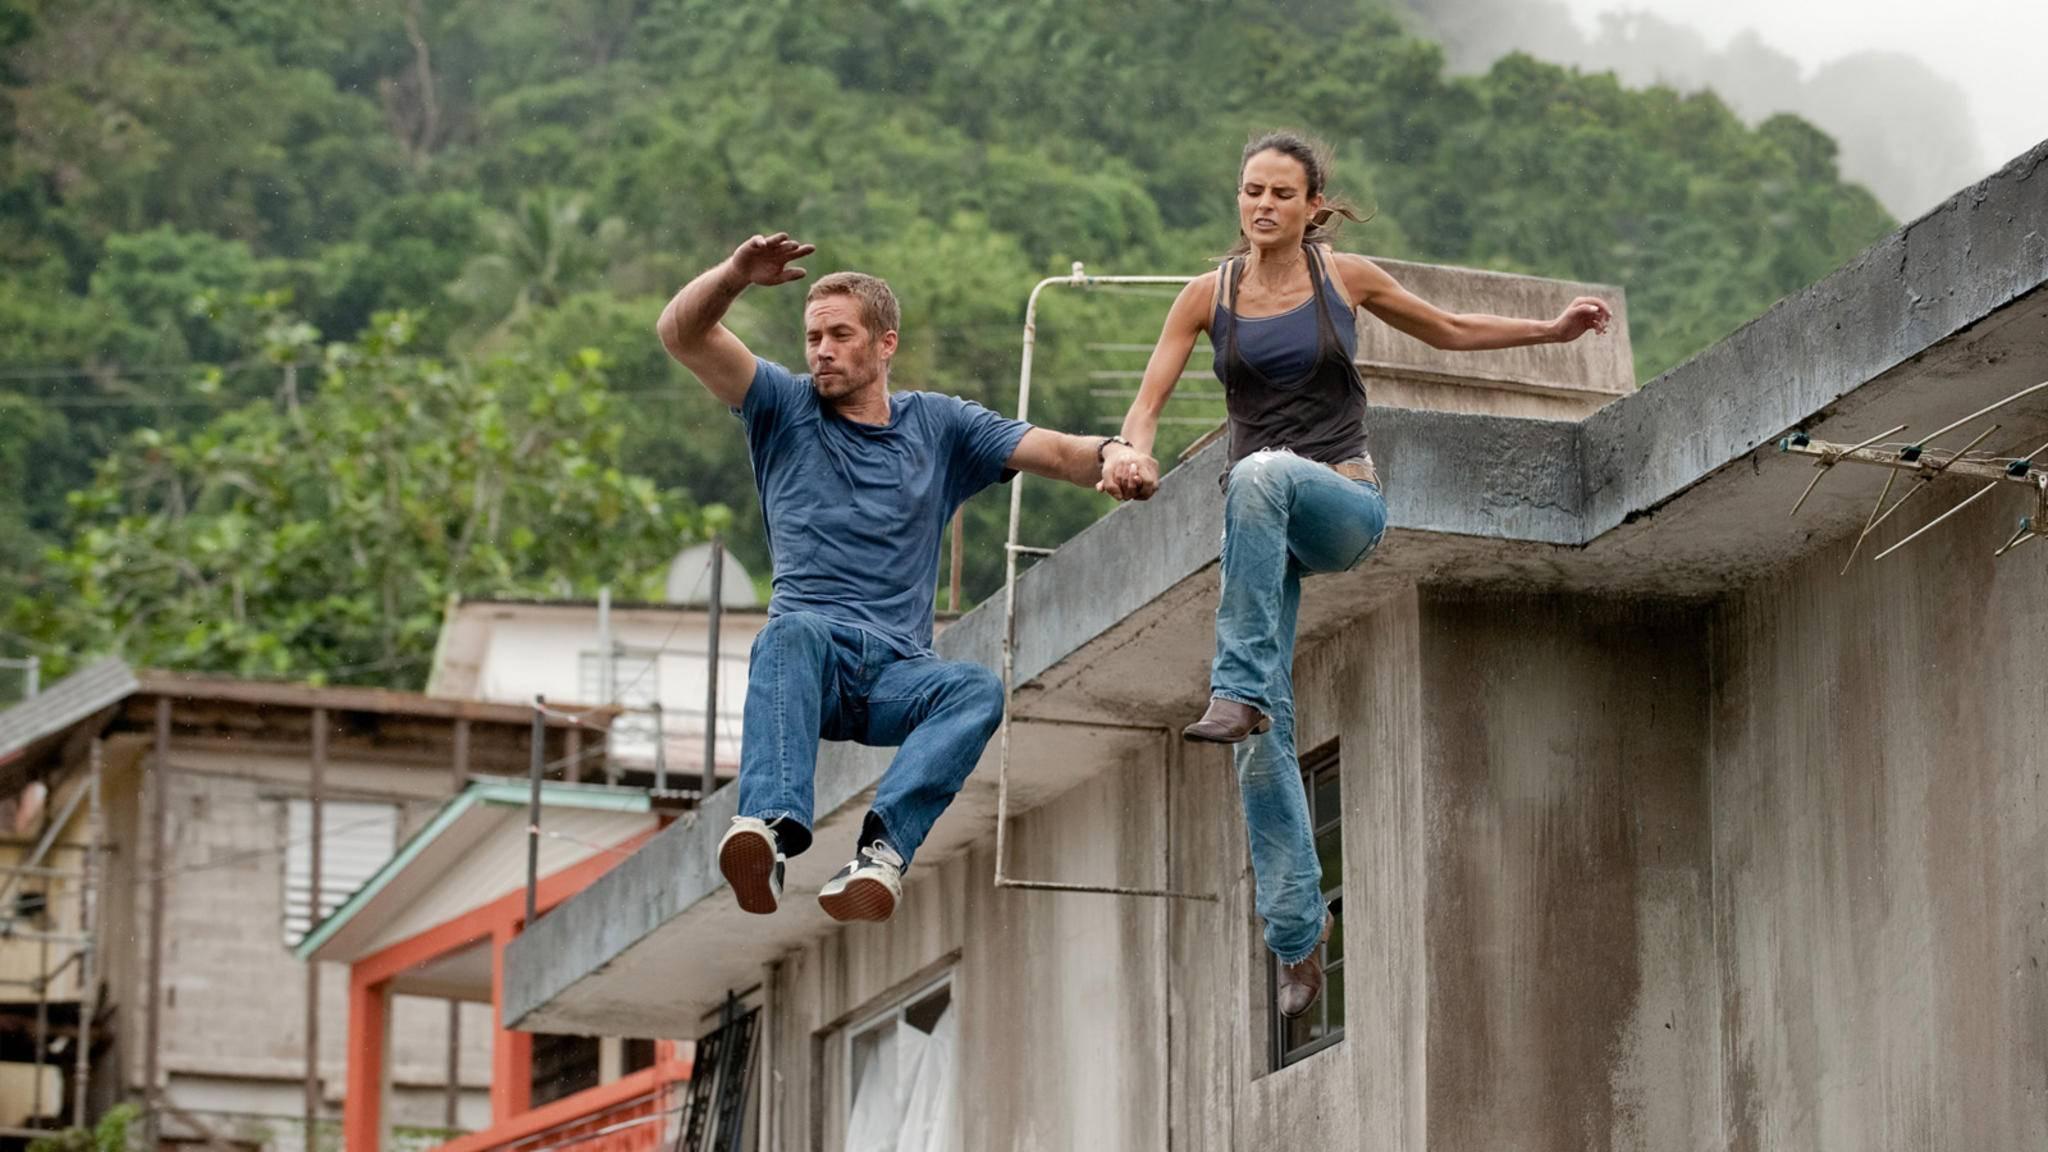 """Mit einem großen Satz zurück auf die Leinwand: Jordana Brewster (rechts im Bild) kehrt zu """"Fast & Furious"""" zurück!"""